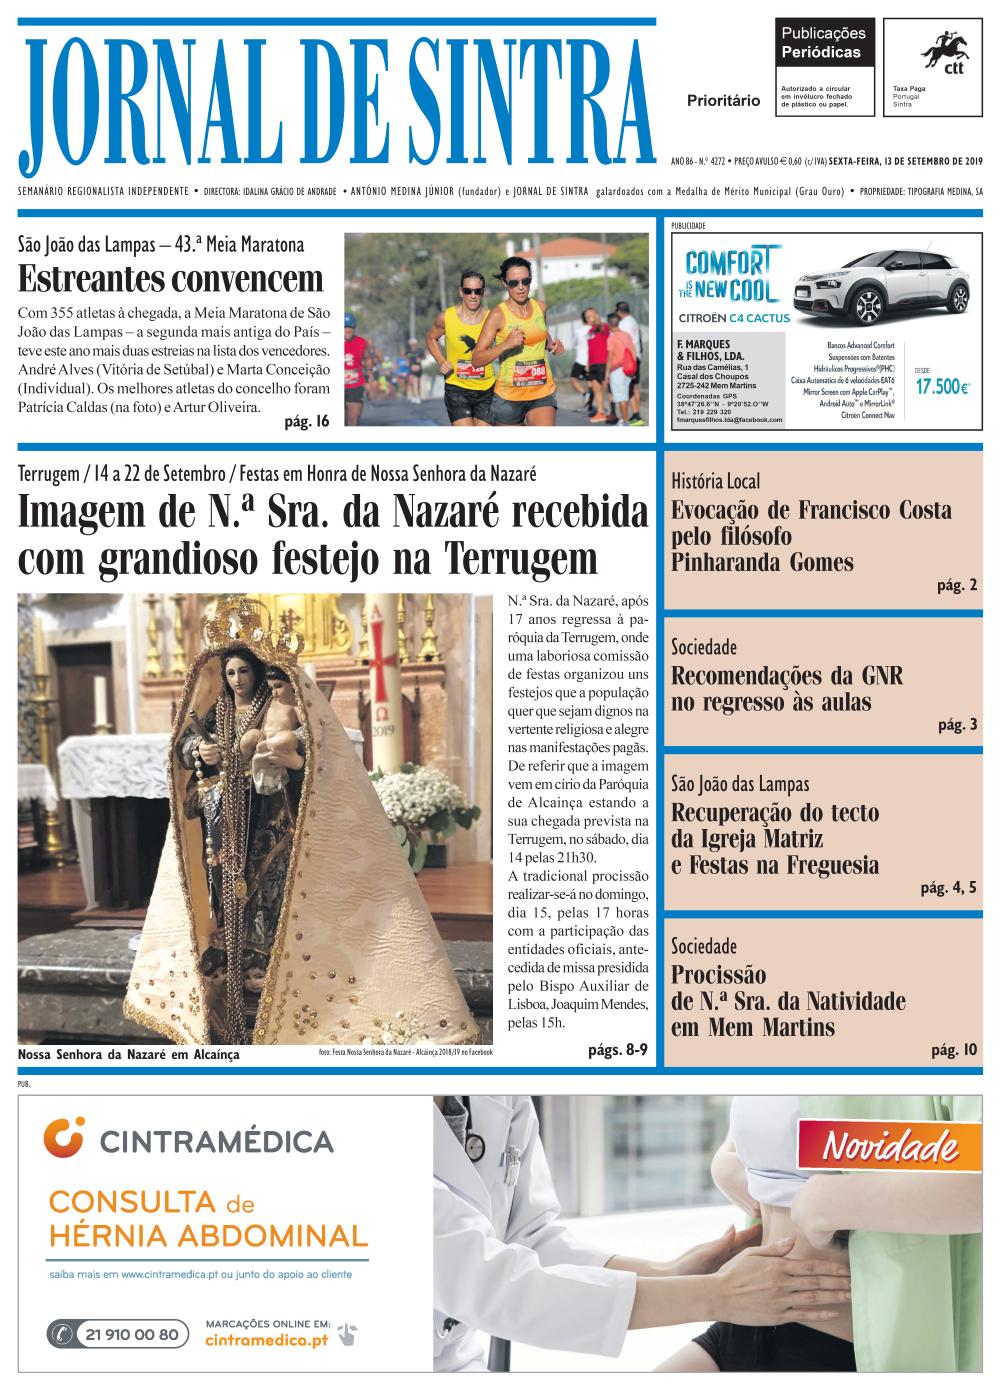 Capa da edição de 13/09/2019